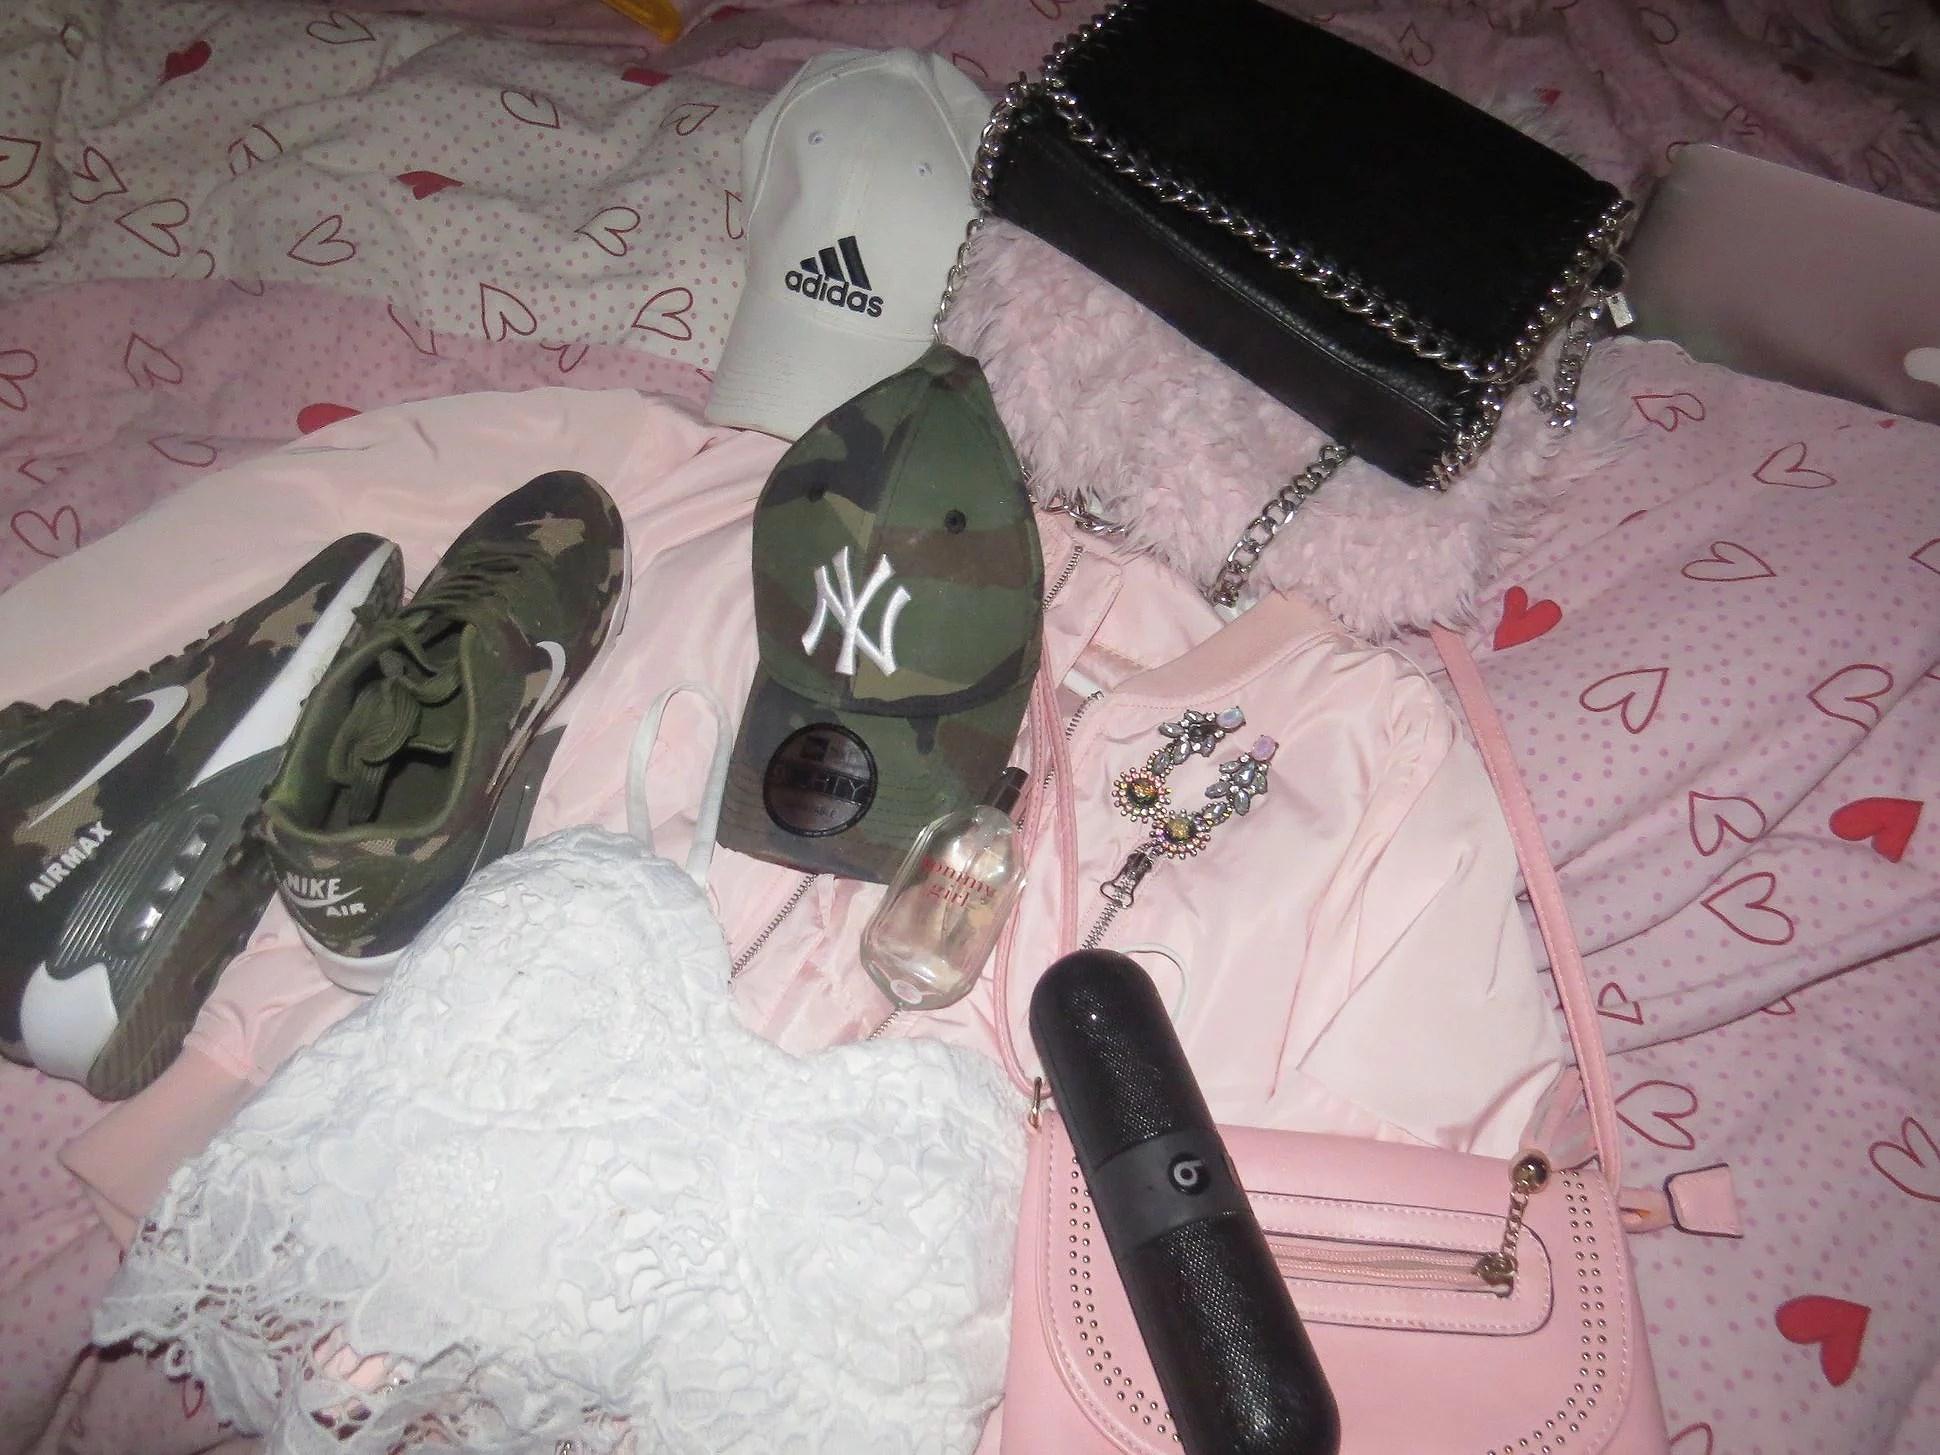 Provar kläder för morgondagen